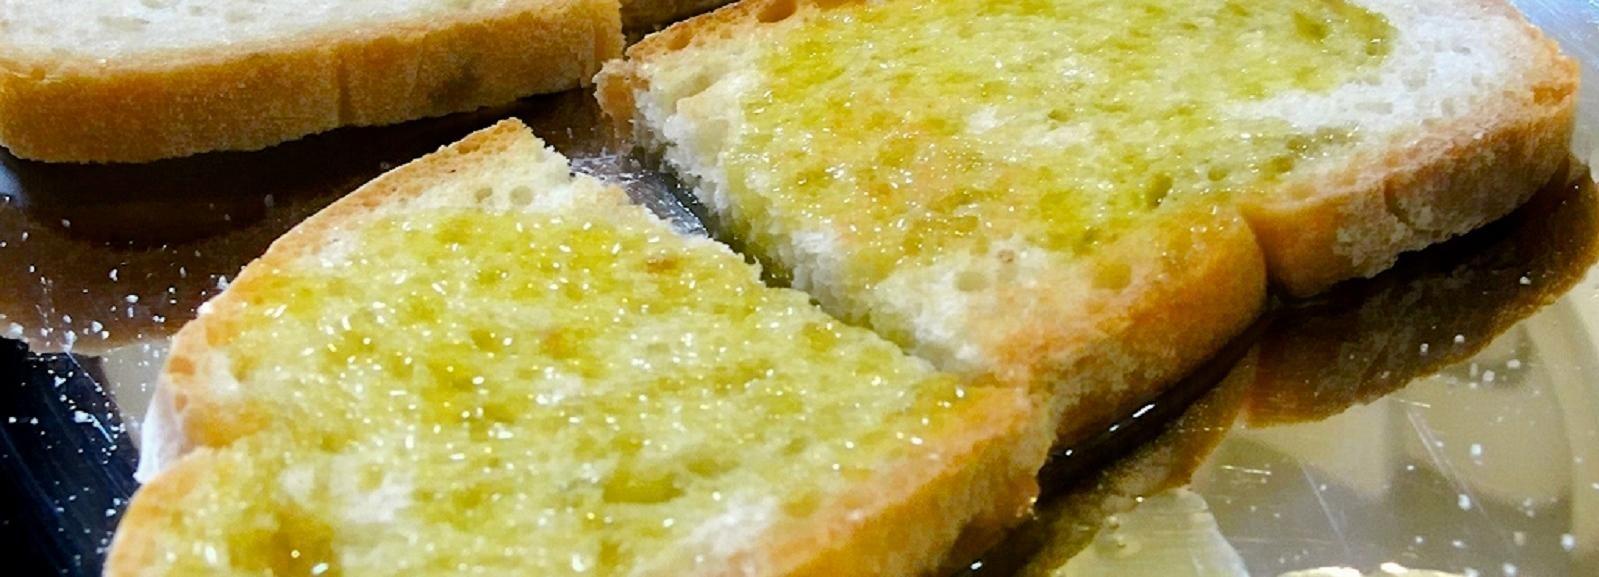 Verkostung von Speisen, Weinen und nativem Olivenöl Extra in Umbrien